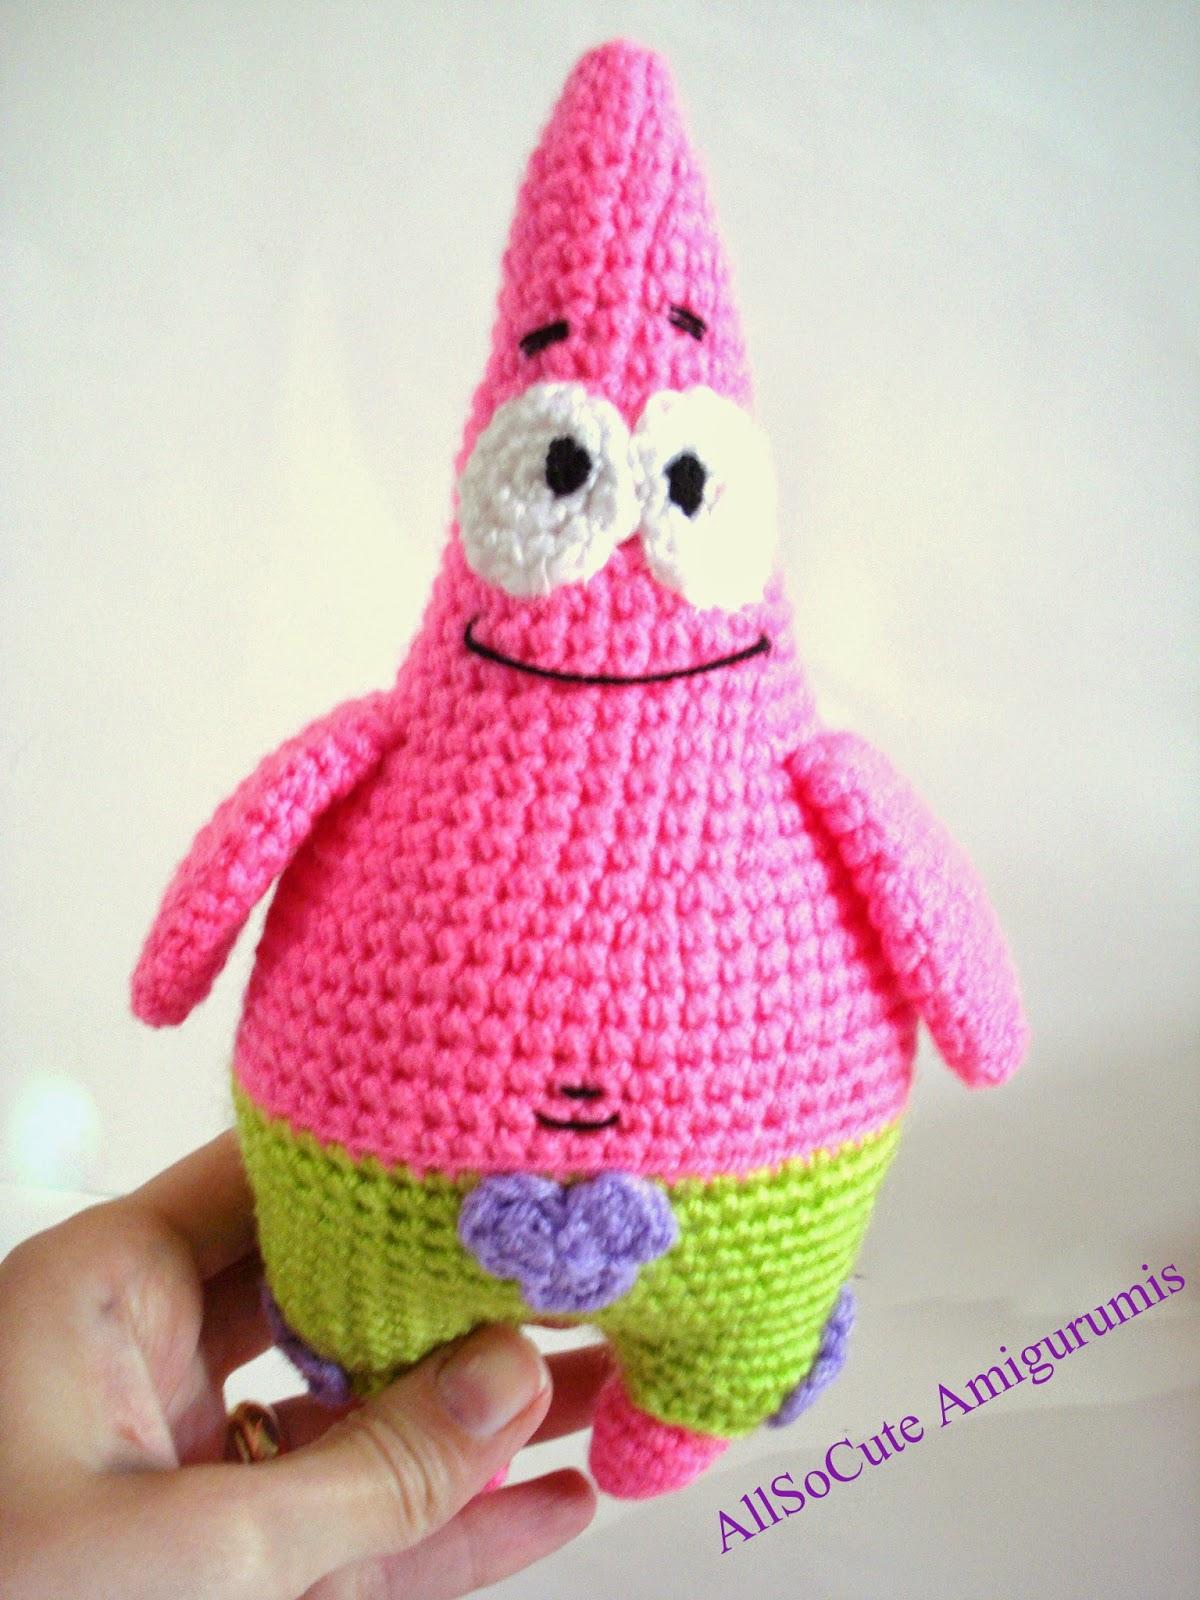 Amigurumi Crochet Needle Size : AllSoCute Amigurumis: Amigurumi Crochet PatrickStar and ...